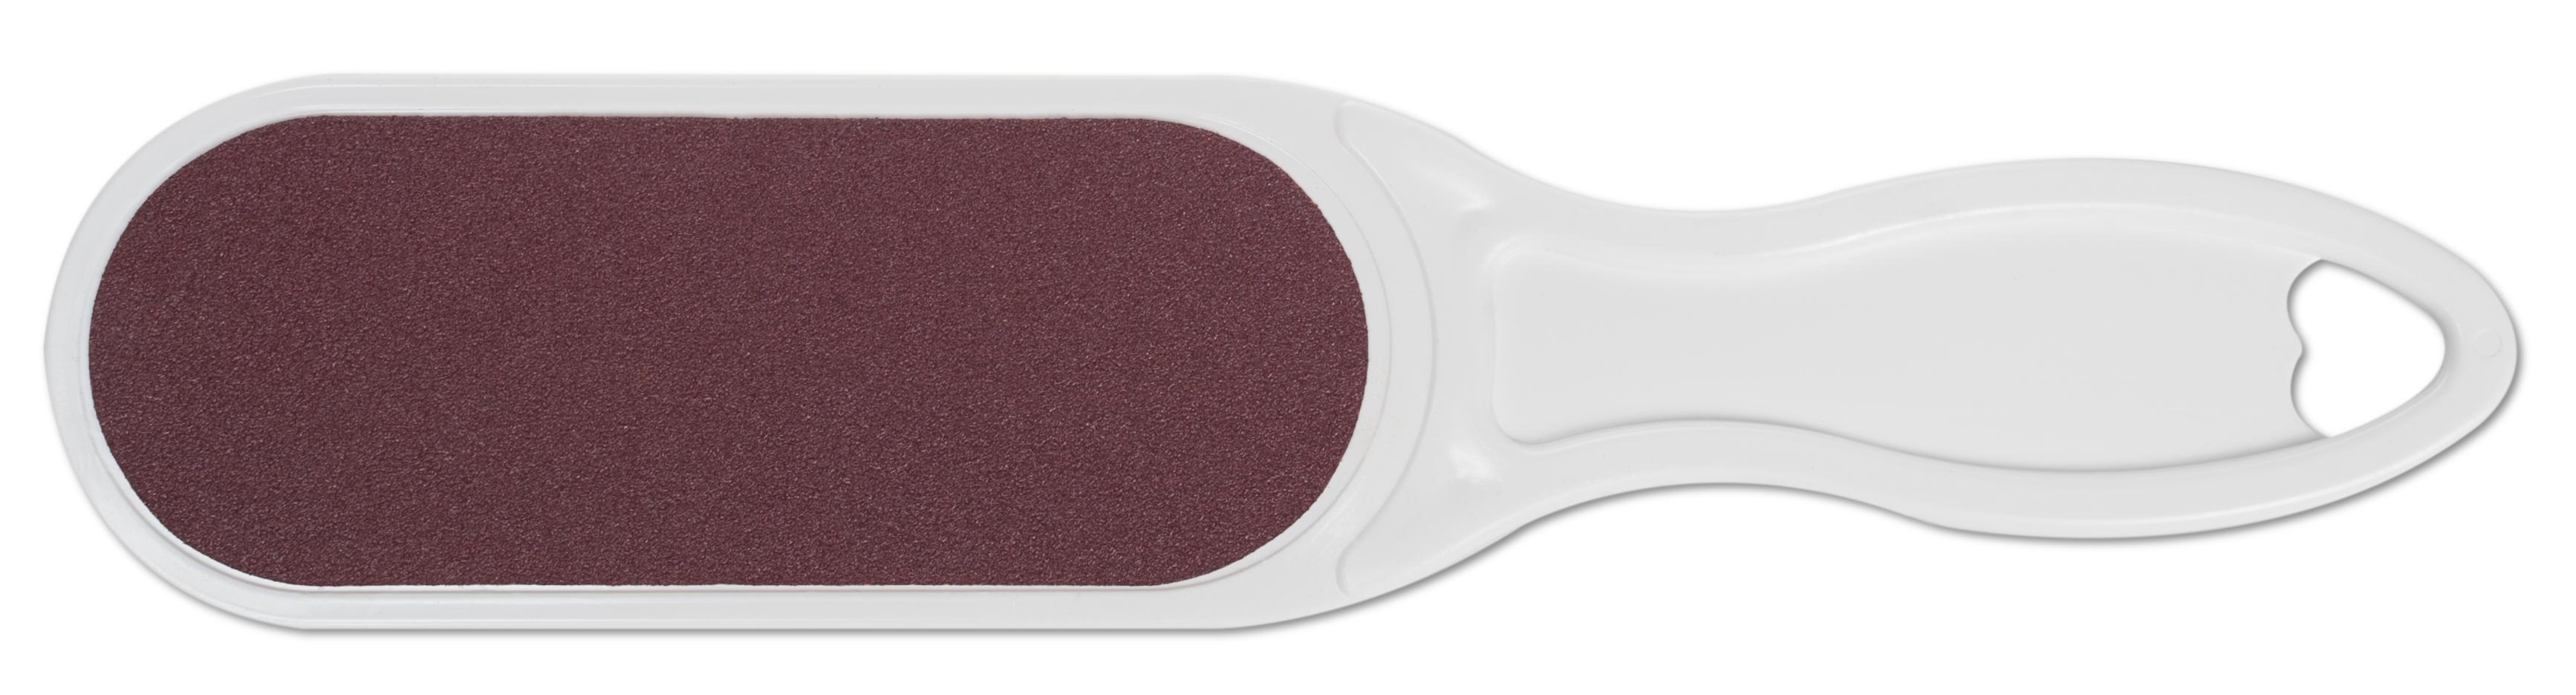 DOMIX Терка абразивная педикюрная двусторонняя с пластиковой ручкой, белый